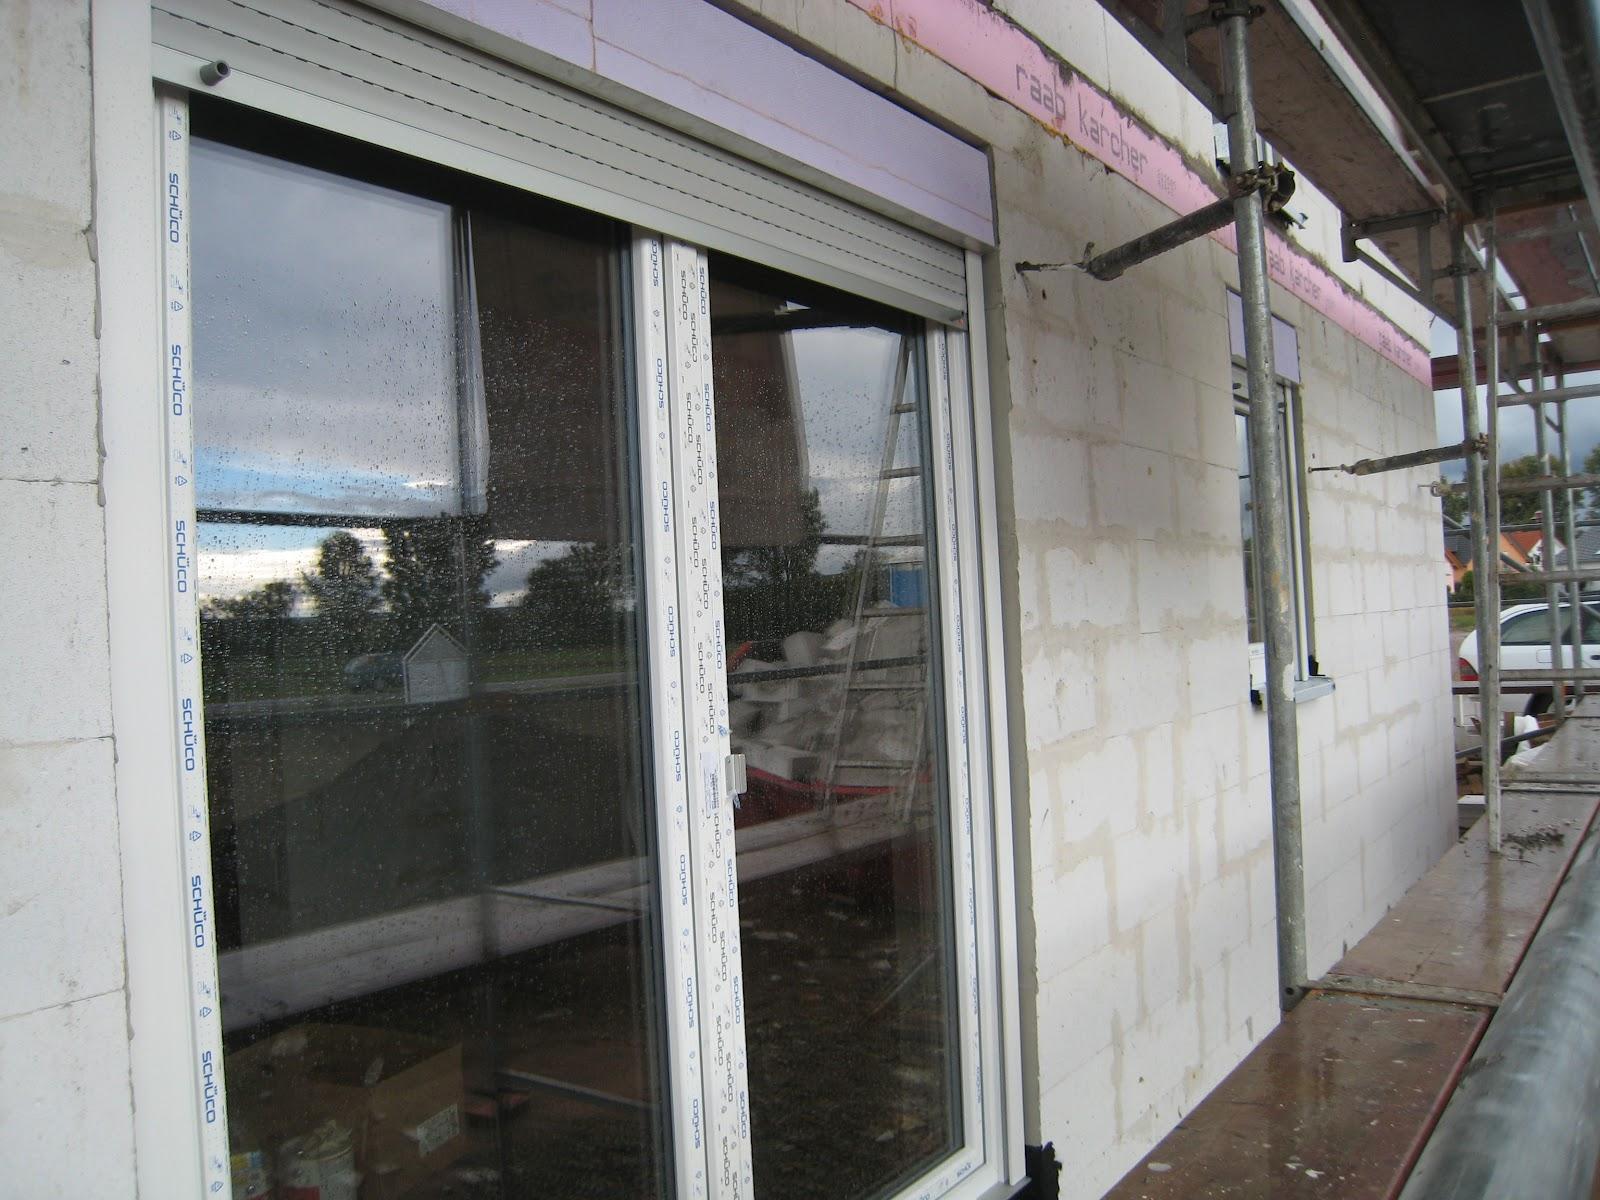 Fenster mit unterlicht fenster mit unterlicht with for Fenster unterlicht